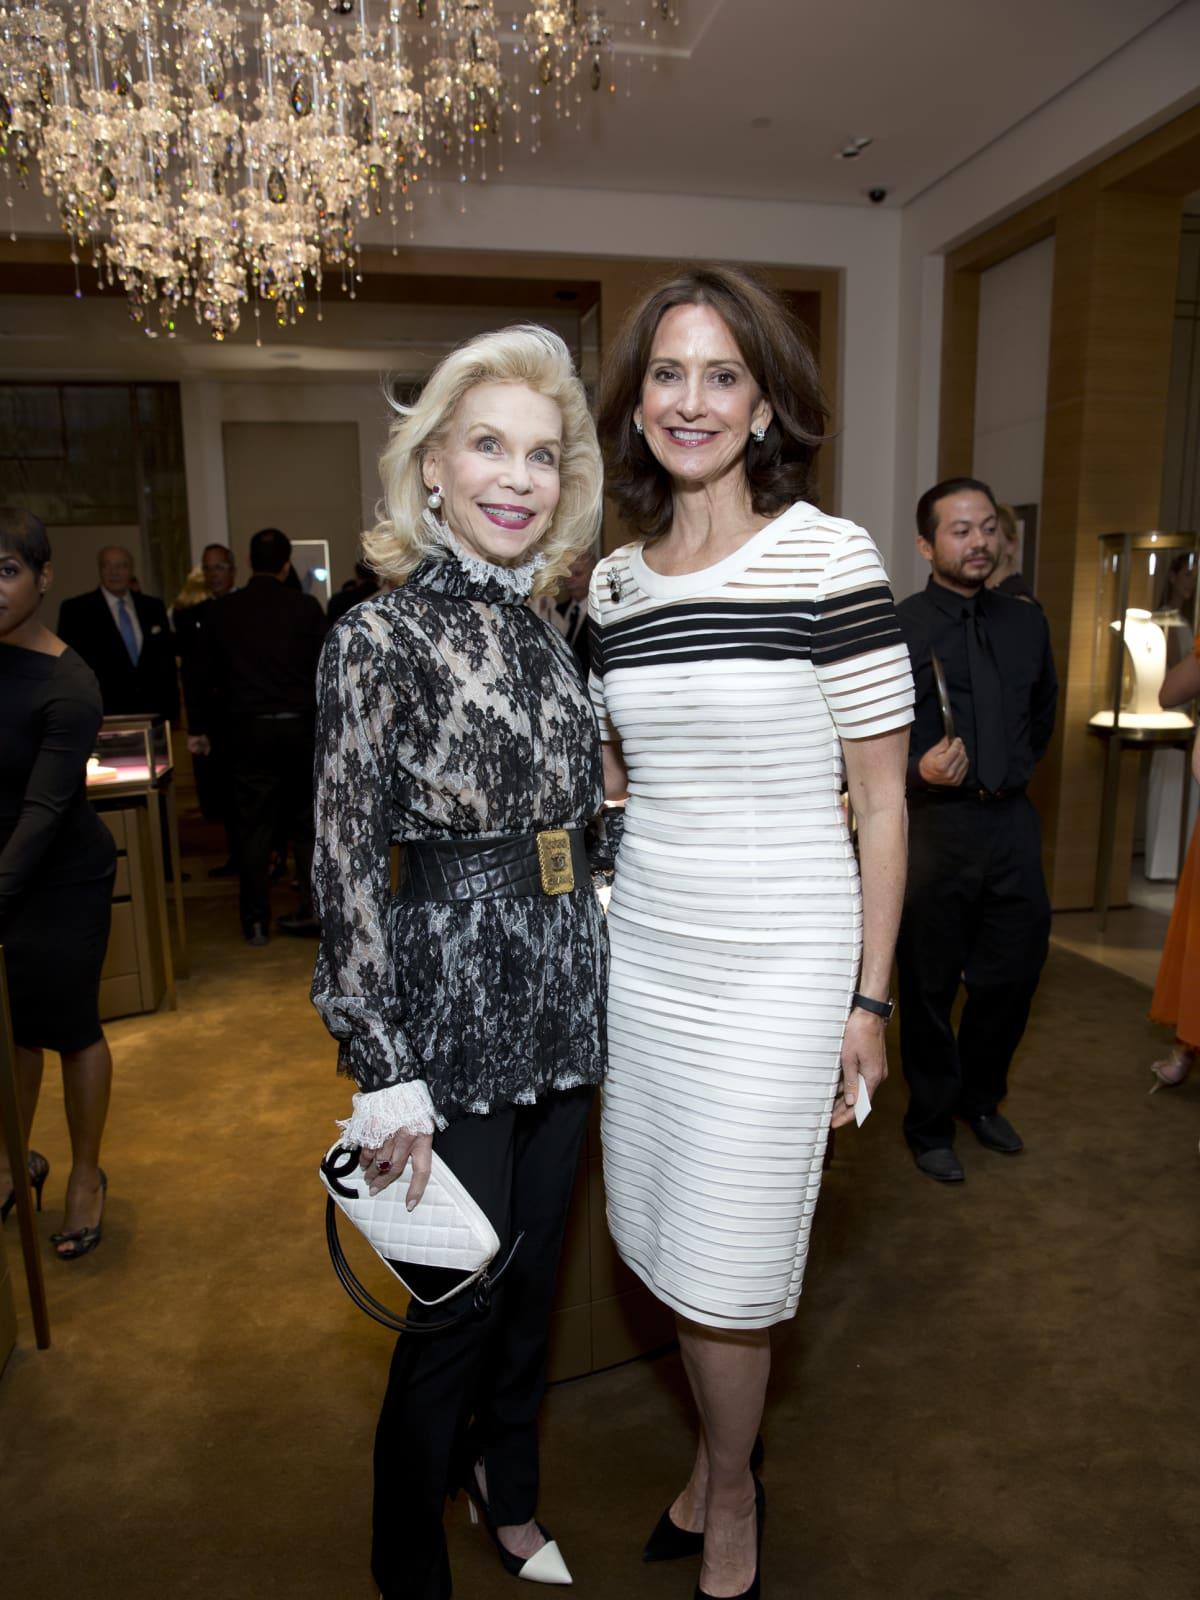 News, Shelby, Cartier Opening, oct. 2015, Lynn Wyatt, Laurie Morian